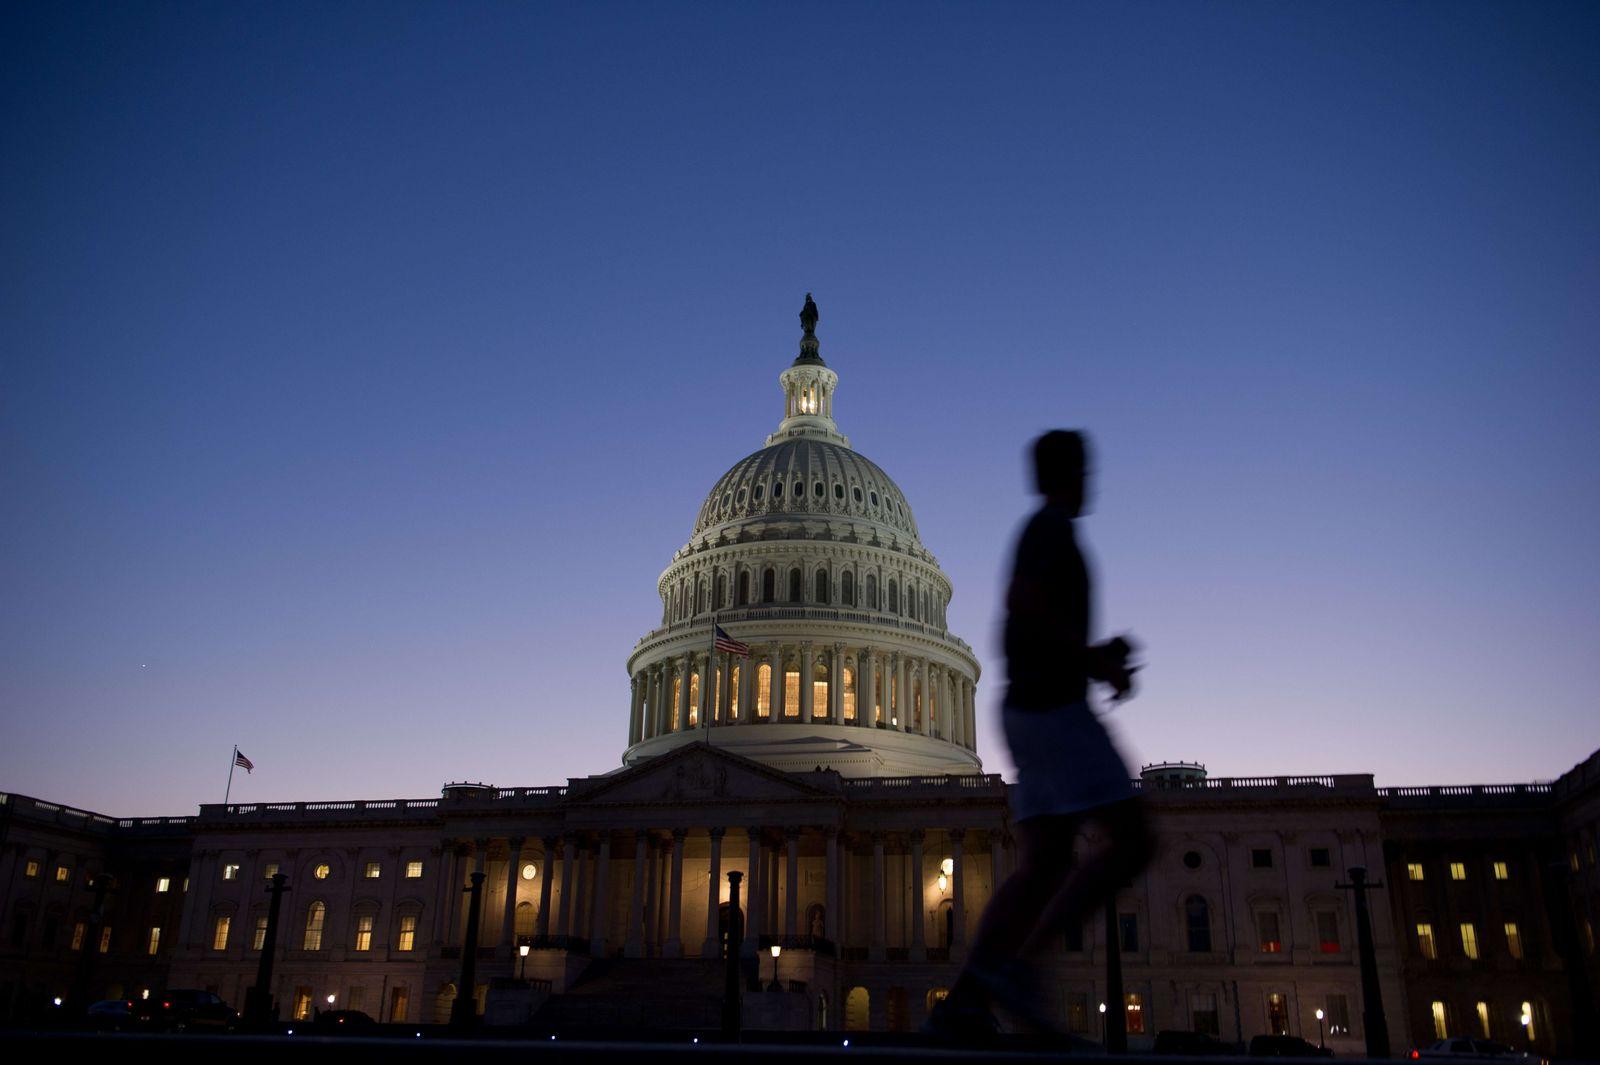 Washington/ Capitol